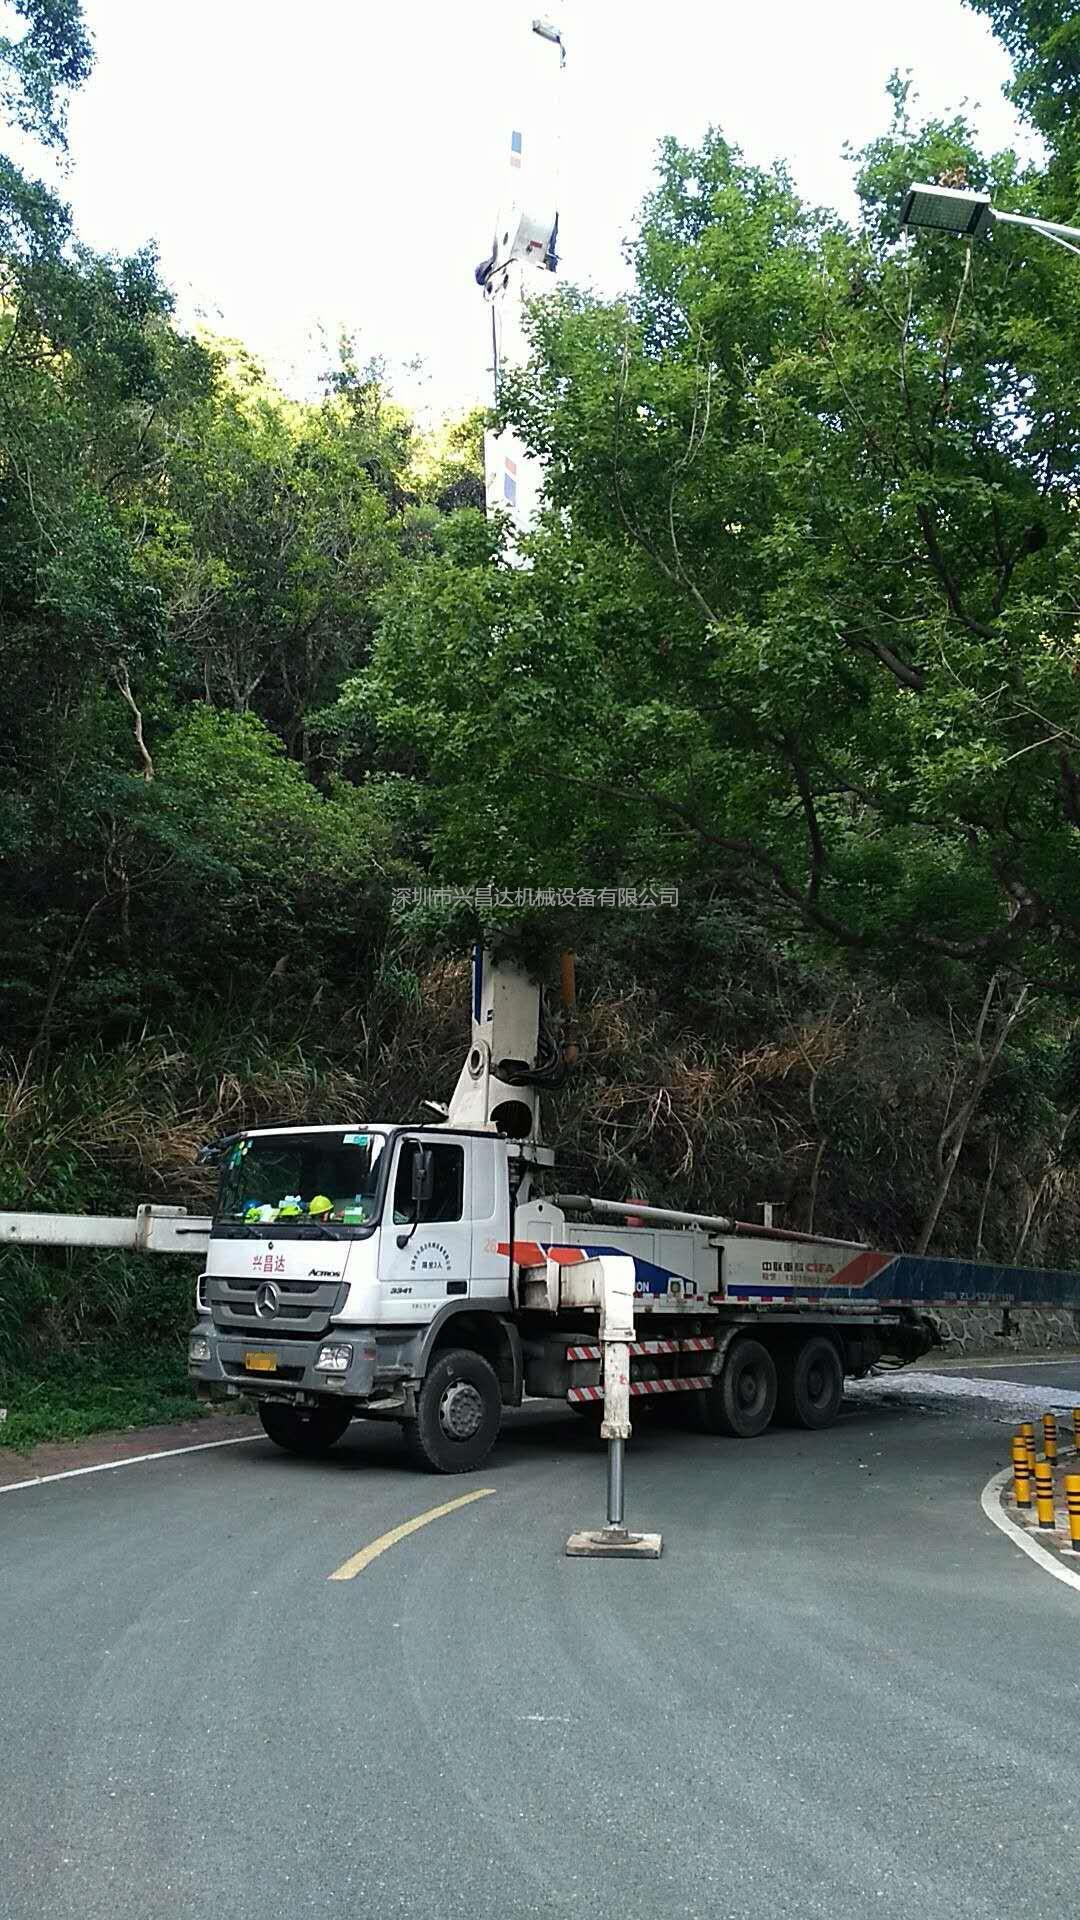 2012年4月47米大排量中聯重科泵車,奔驰底盘